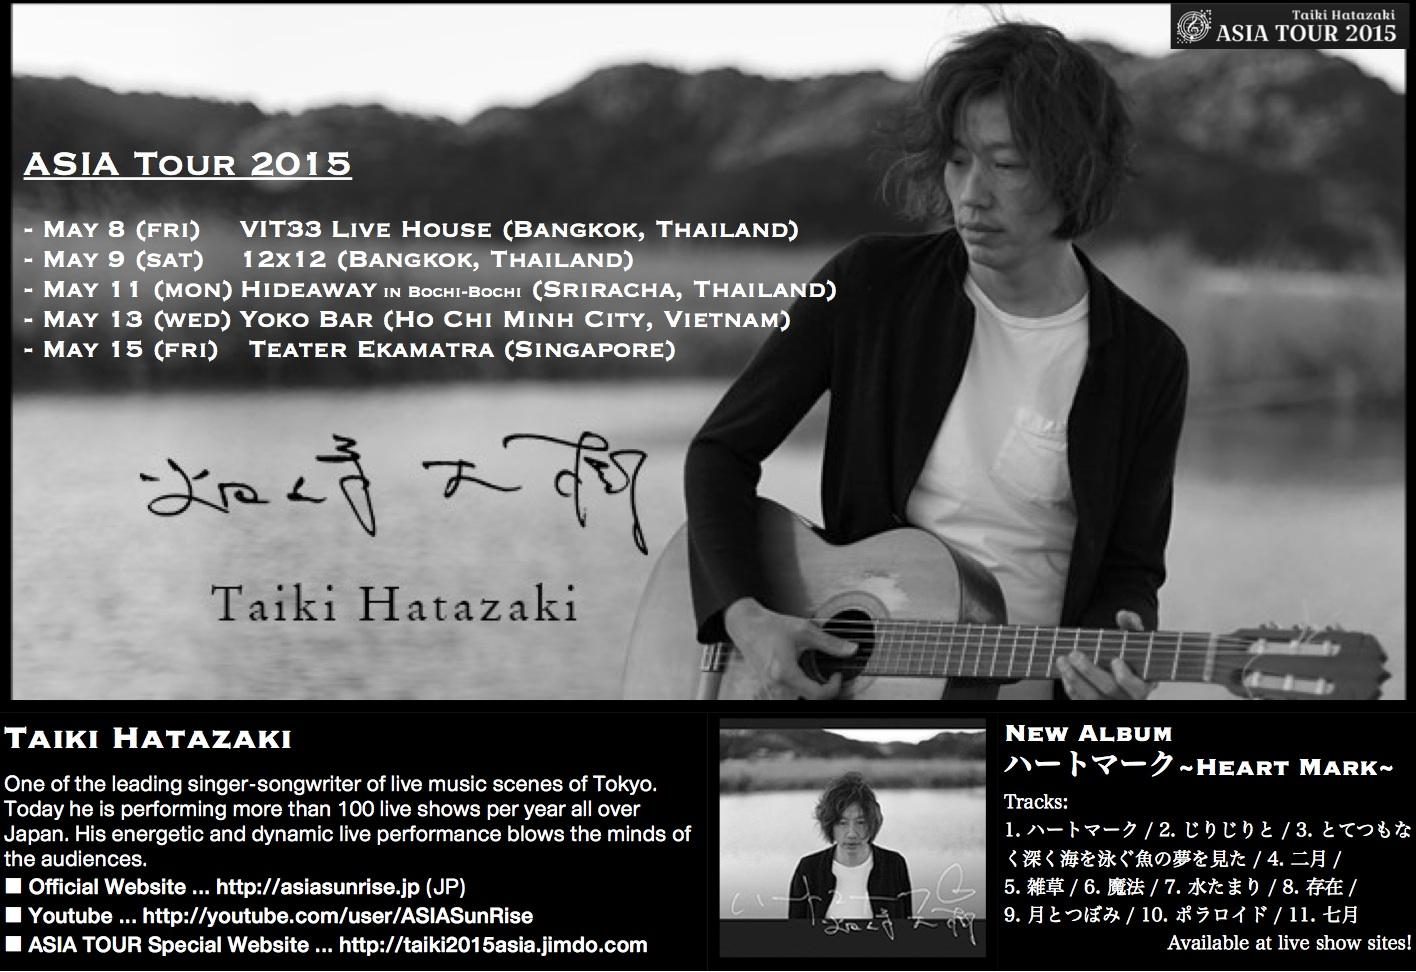 Taiki Hatazaki ASIA TOUR 2015